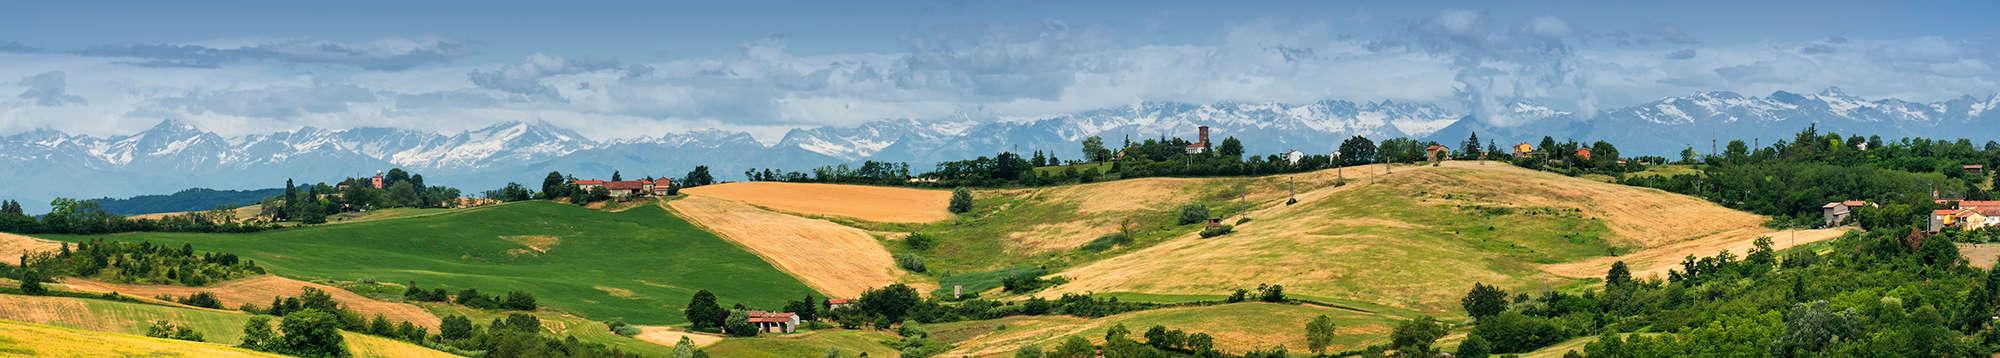 Week end e soggiorni nel Monferrato